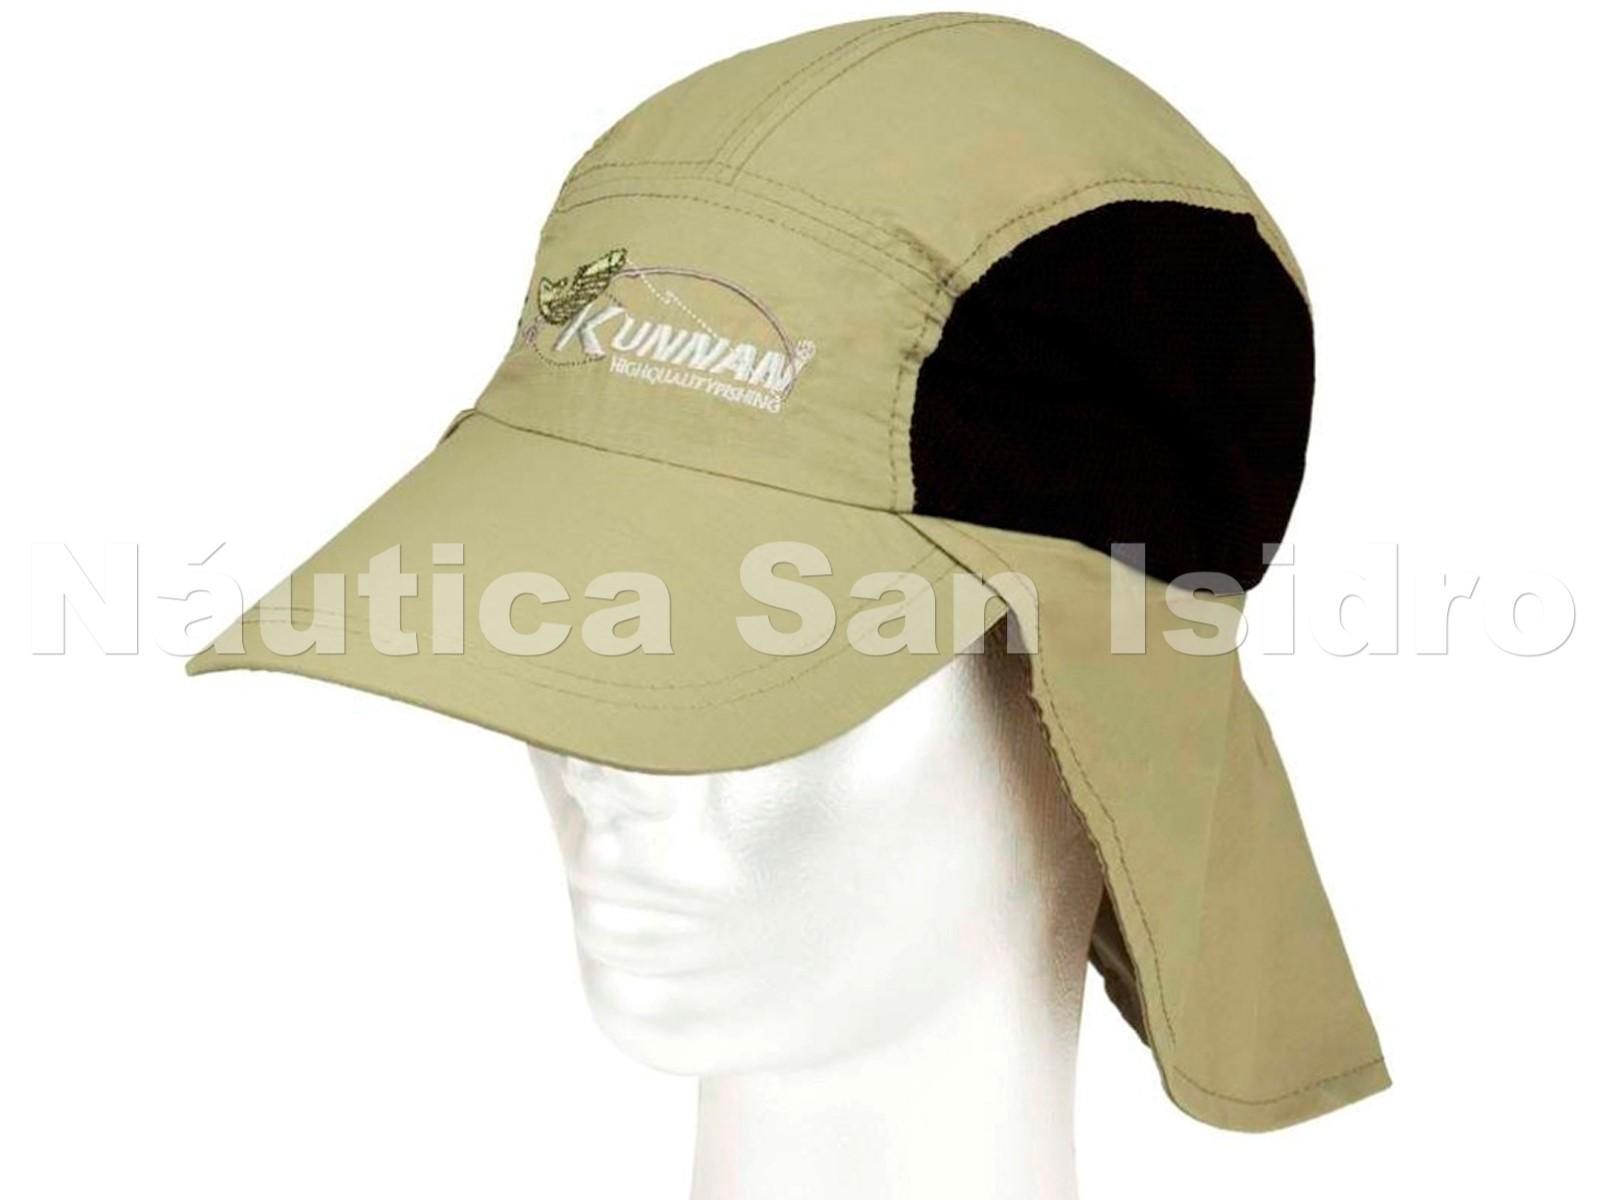 GORRO LEGIONARIO RESPIRABLE UV KUNNAN 98e45c39e81